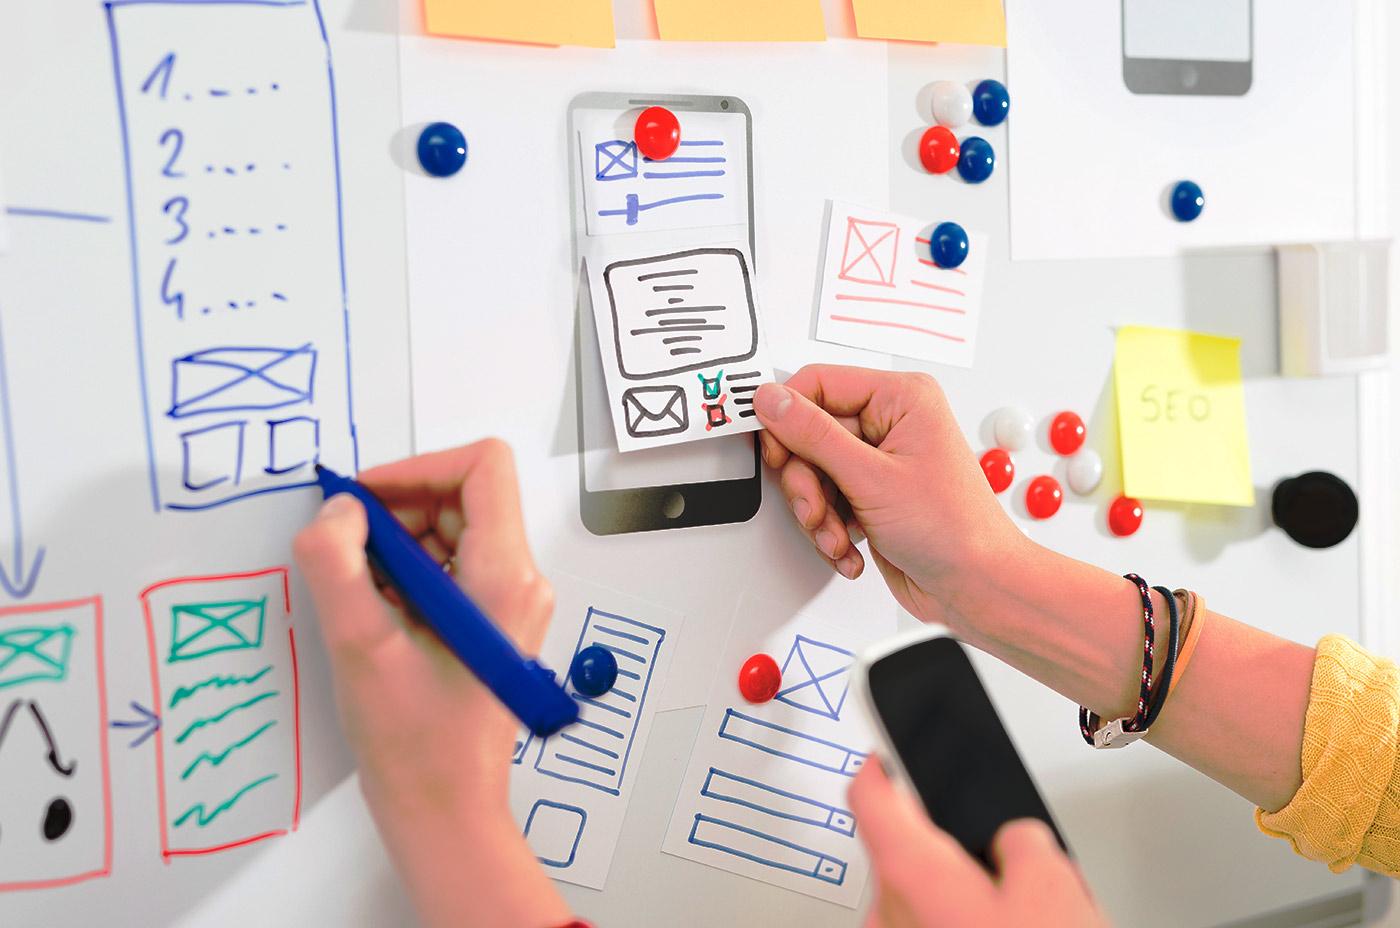 Foto van een whiteboard en drie handen die bezig zijn met het ontwerp van een app; een hand tekent een ontwerp met eenblauwe viltstift, een hand houdt een telefoon vast, en een hand houdt een papiertje met een getekend ontwerp tegen het whiteboard.